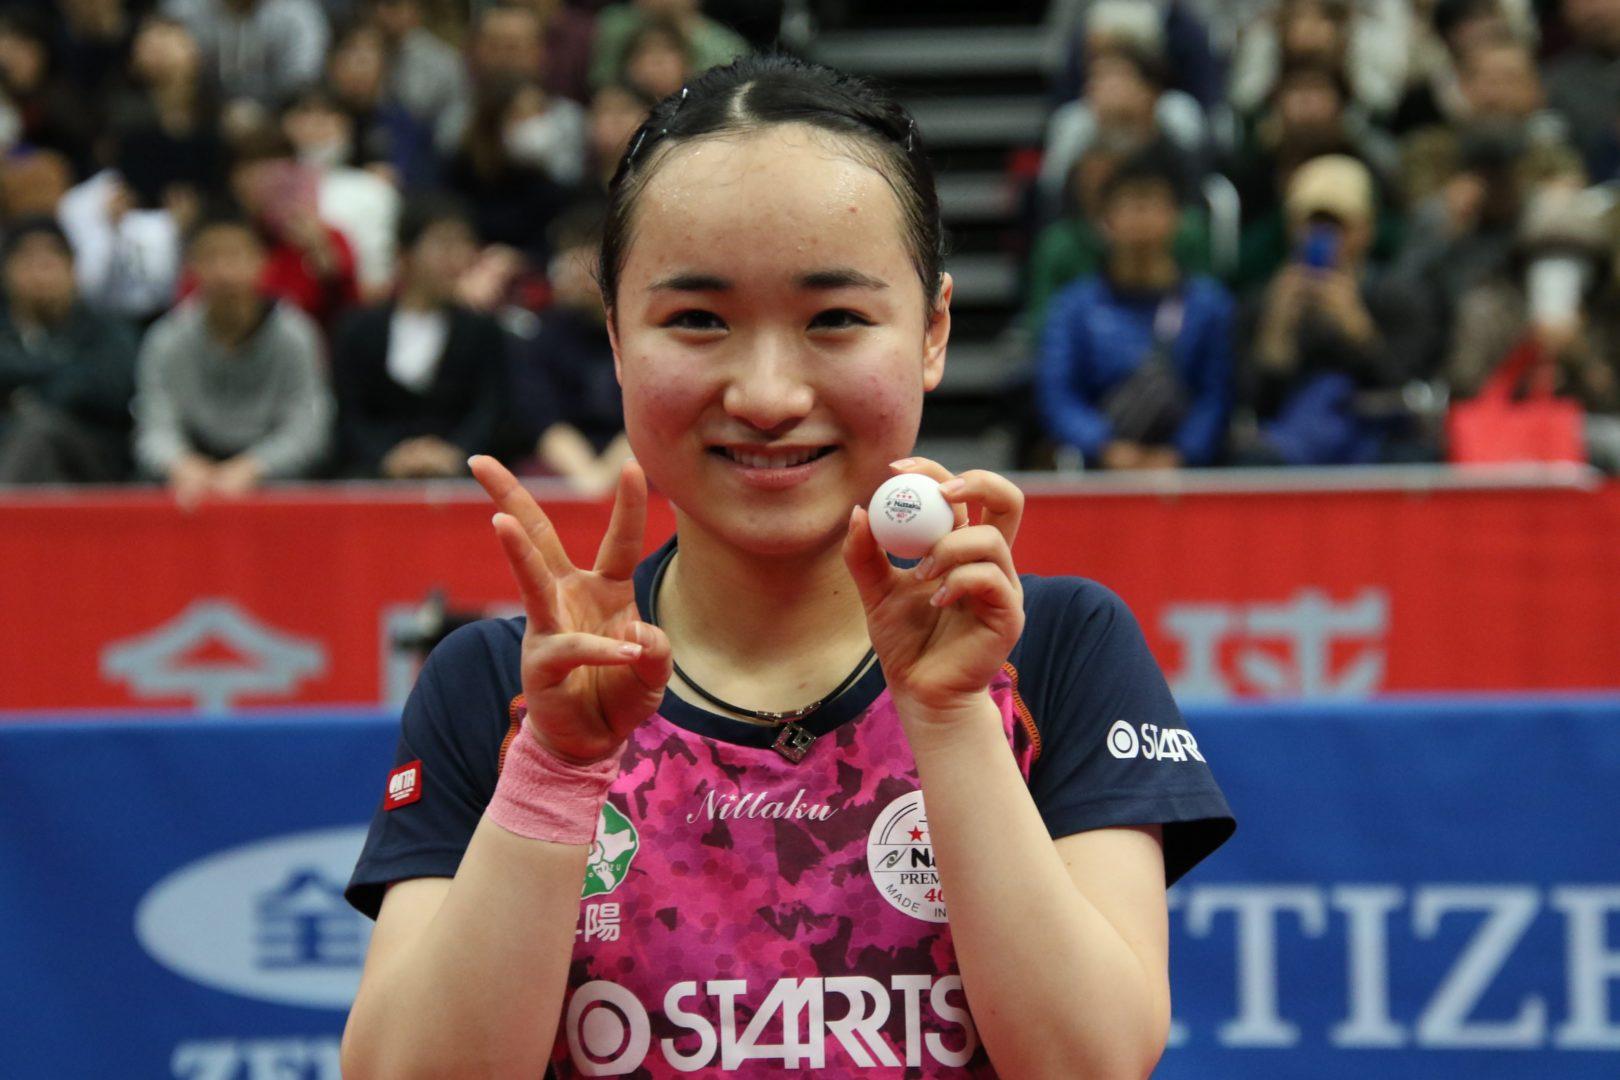 【卓球】伊藤美誠2年連続3冠 14歳木原を下した戦術を振り返る<全日本卓球2019・女子単>